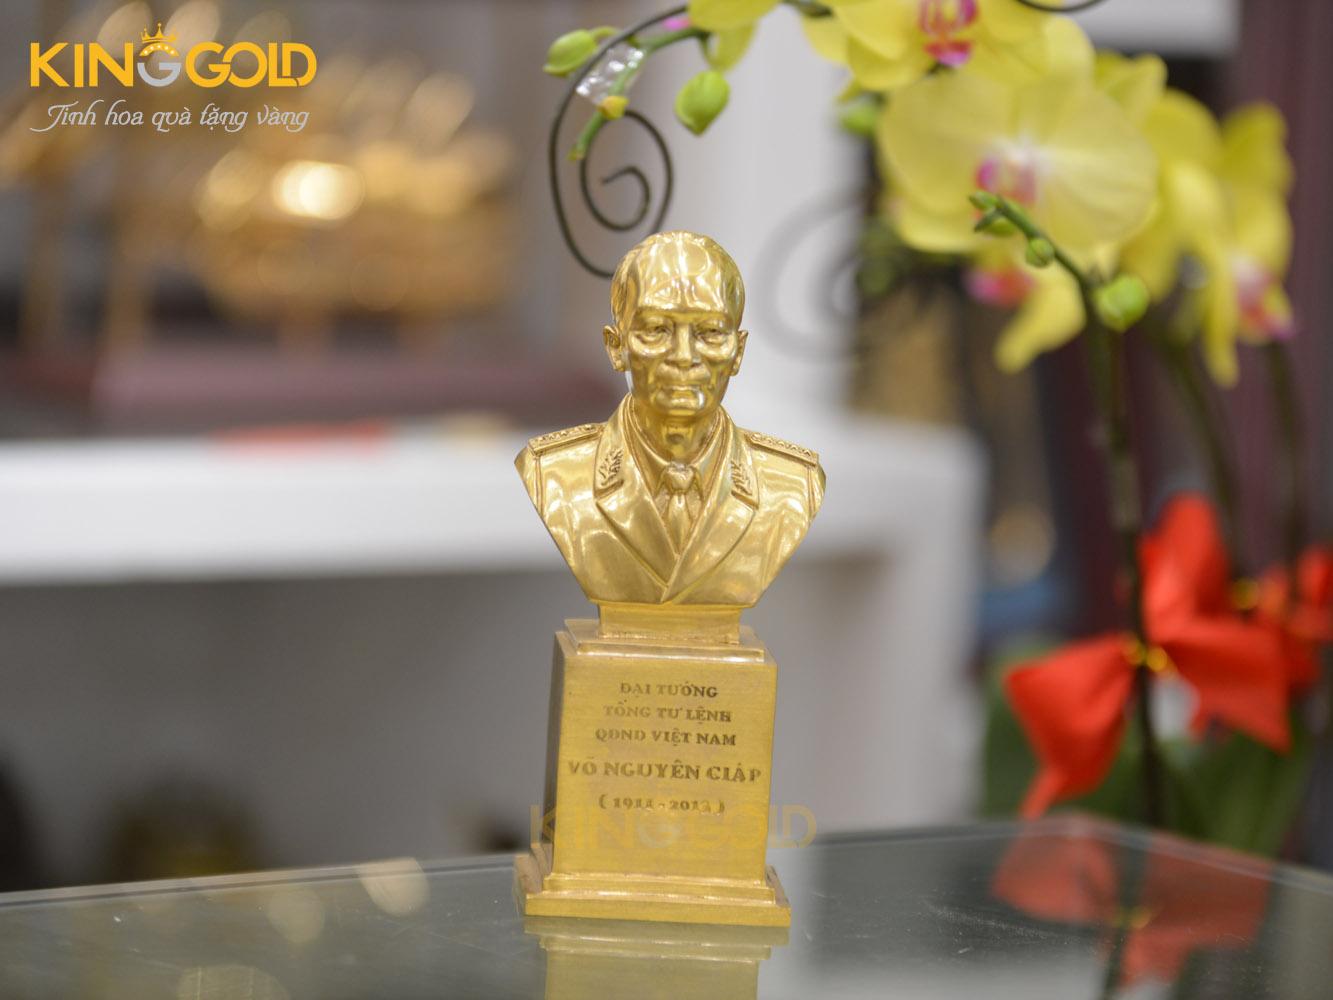 Đúc tượng đại tướng Võ Nguyên Giáp mạ vàng 24k tại Đồ đồng Việt0